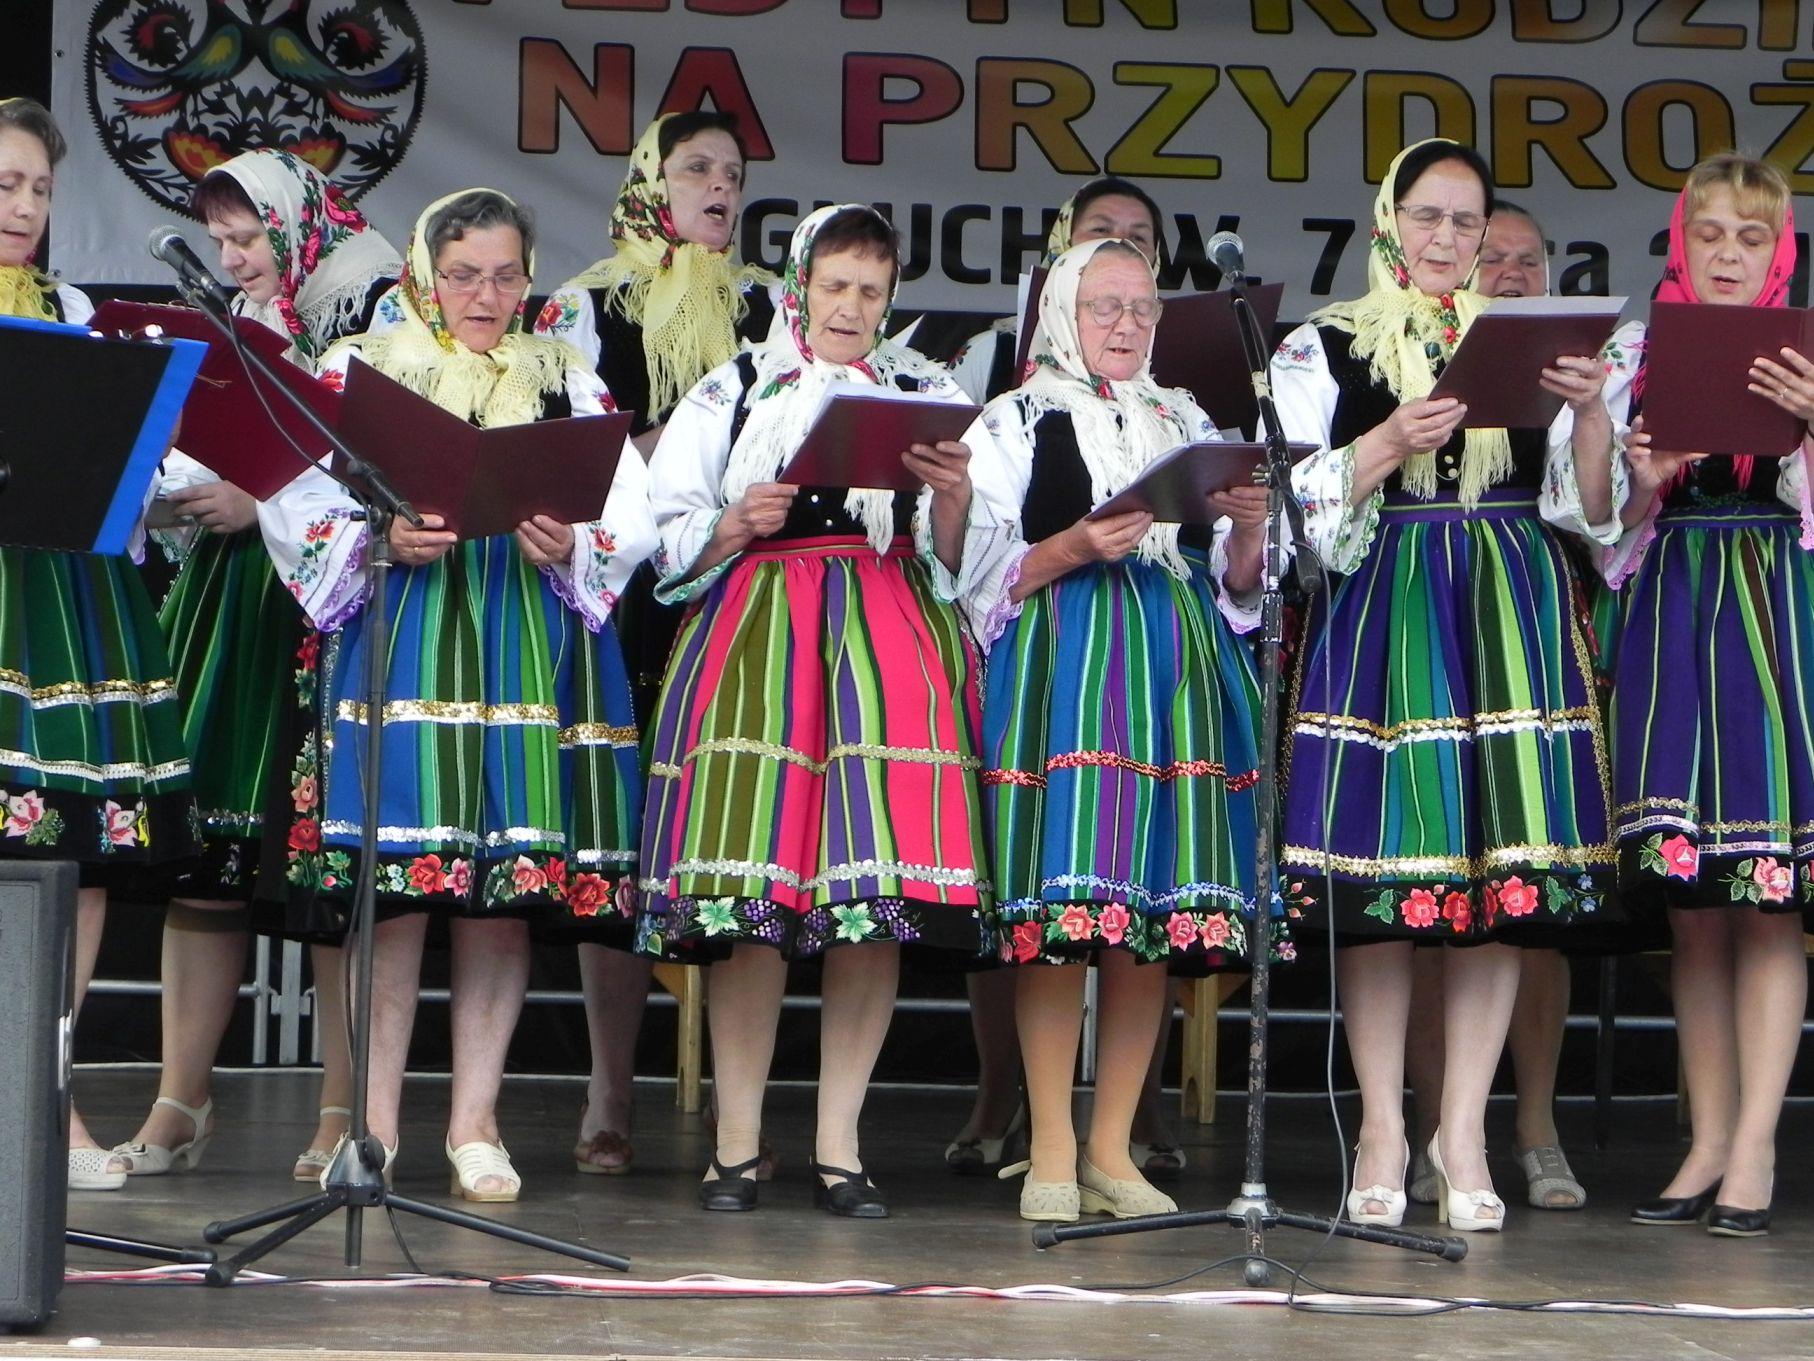 2013-07-07 Głuchów Festyn na Przydrożku (58)